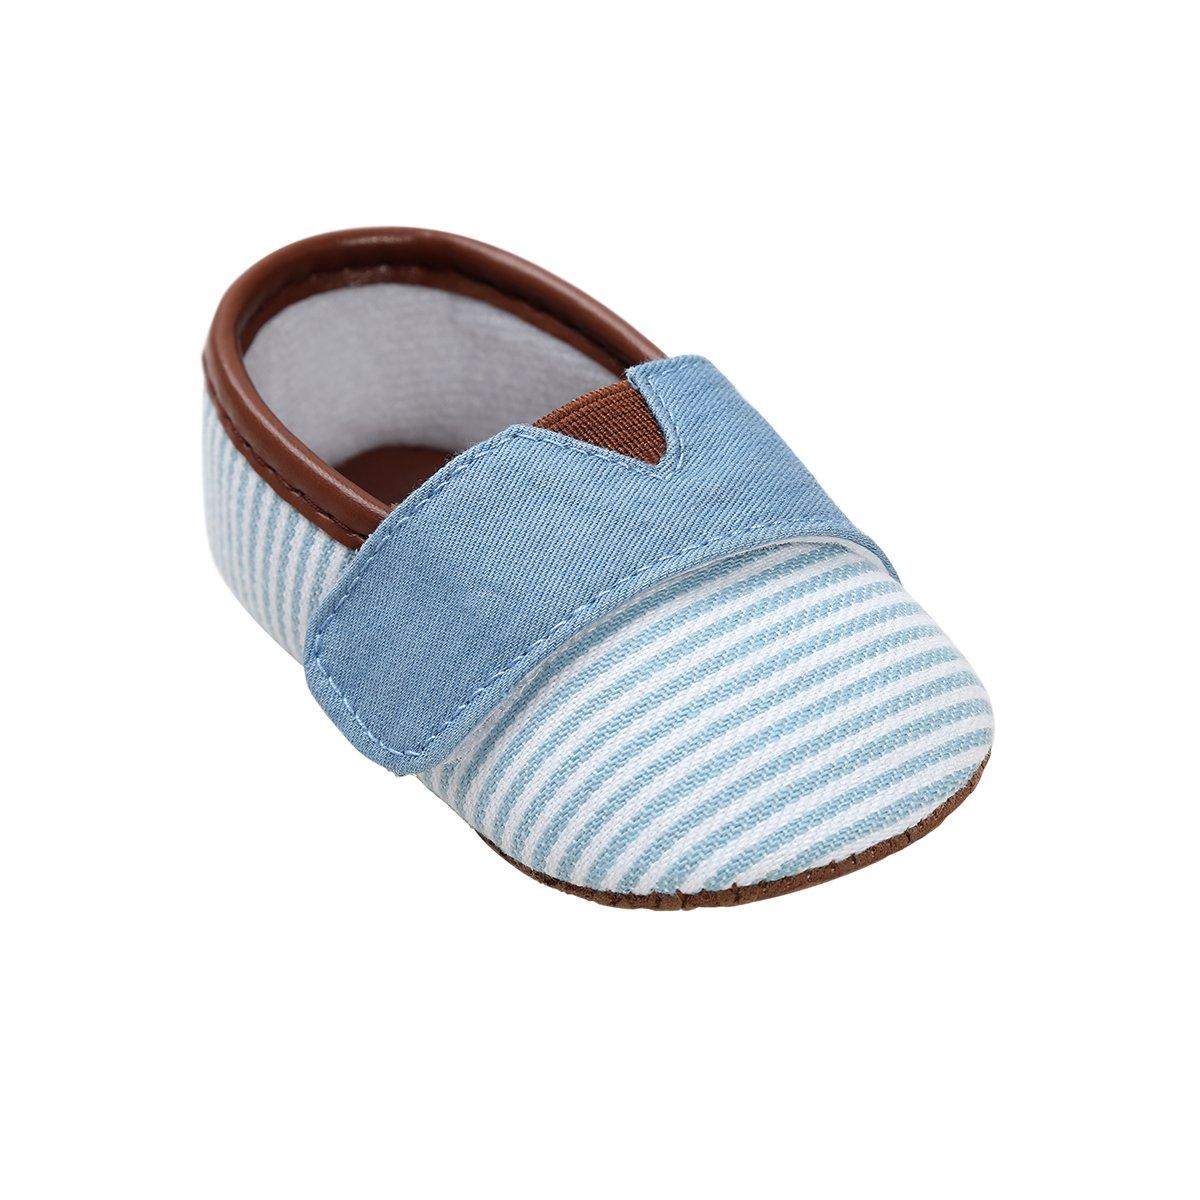 Kuner Infant Baby Boys Girls Canvas Stripe Moccasins Soft Sole Anti-Slip Prewalker Toddler Shoes (12cm(6-12months), Sky Blue)